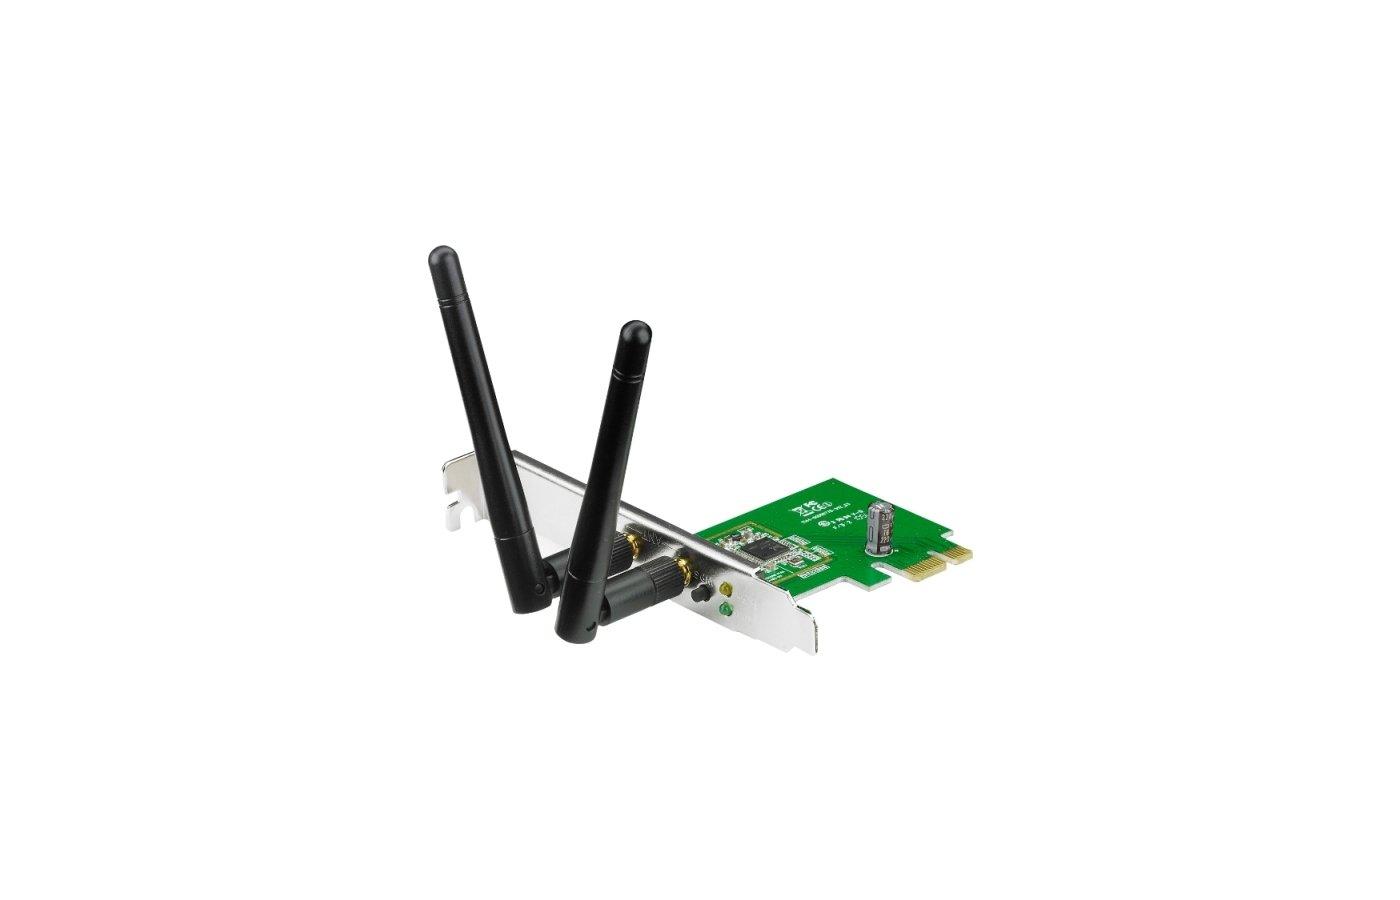 Сетевое оборудование Asus PCE-N15 PCI-E 802.11n 300Mbps